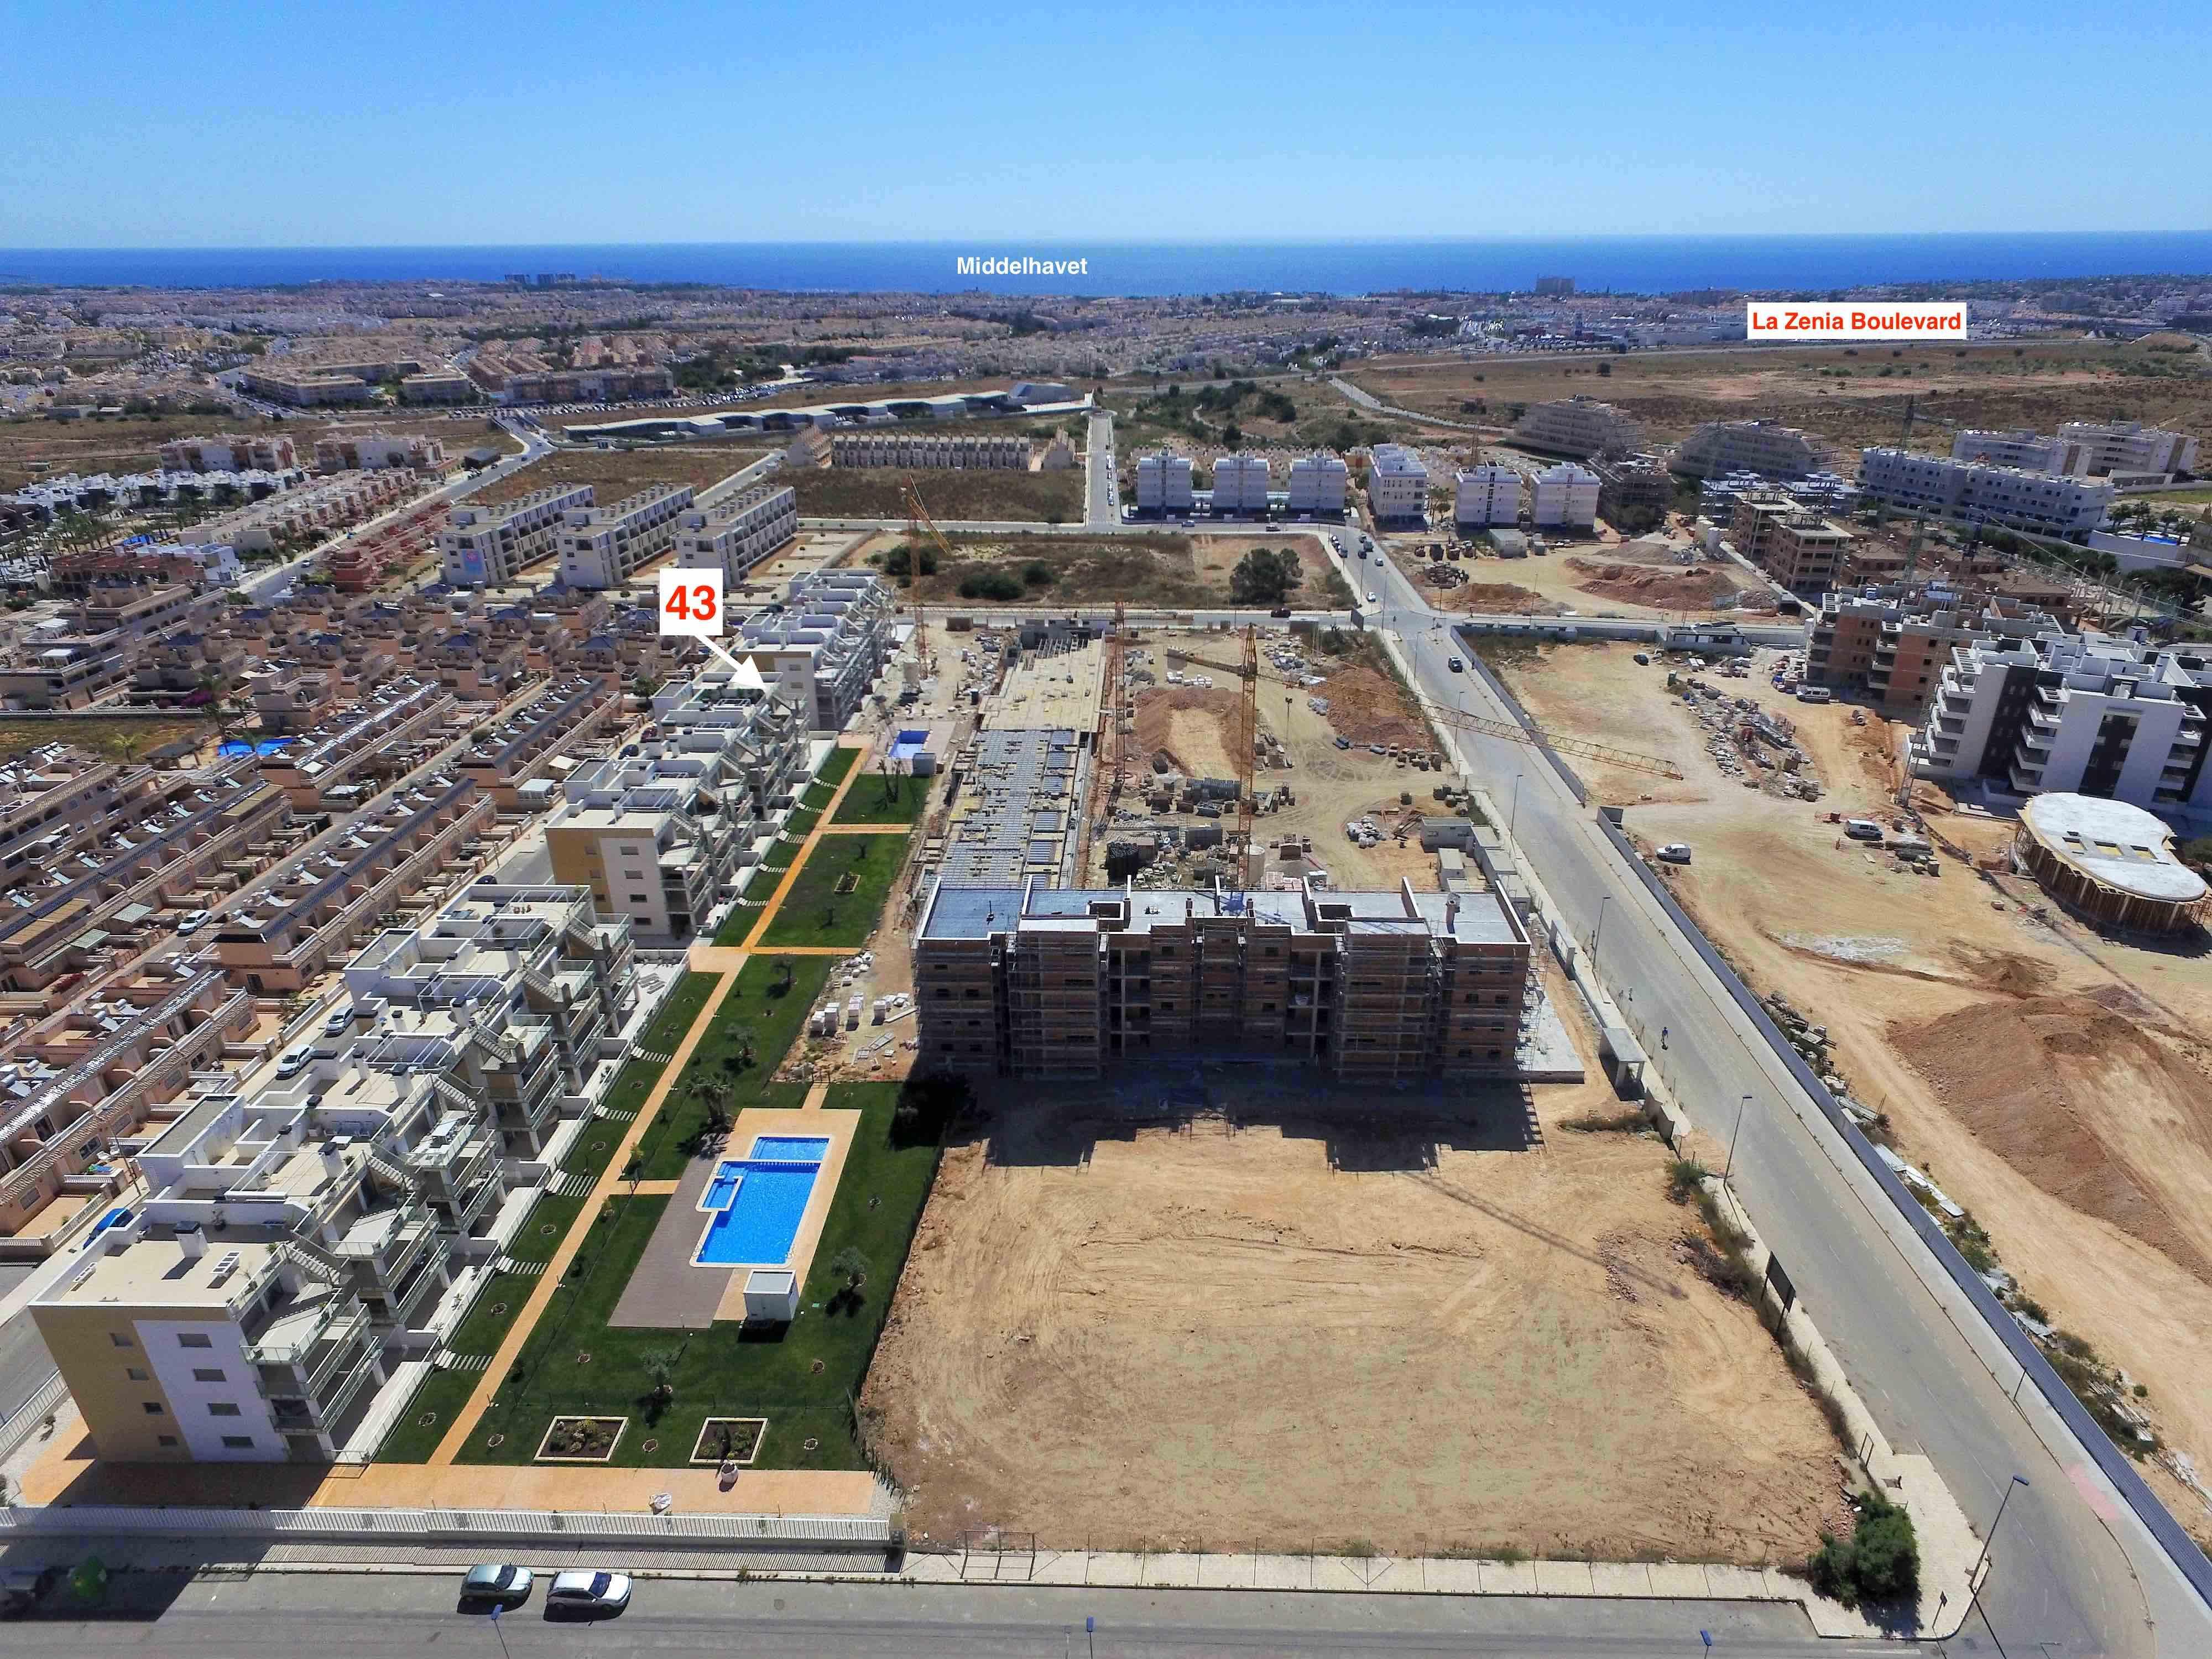 Innflyttingsklar meget velutstyrt, ny Penthouse leilighet. 3 sov/2 bad, 101 m2 takterrasse. Mye ekstra inkl. Se utsikten! [43]